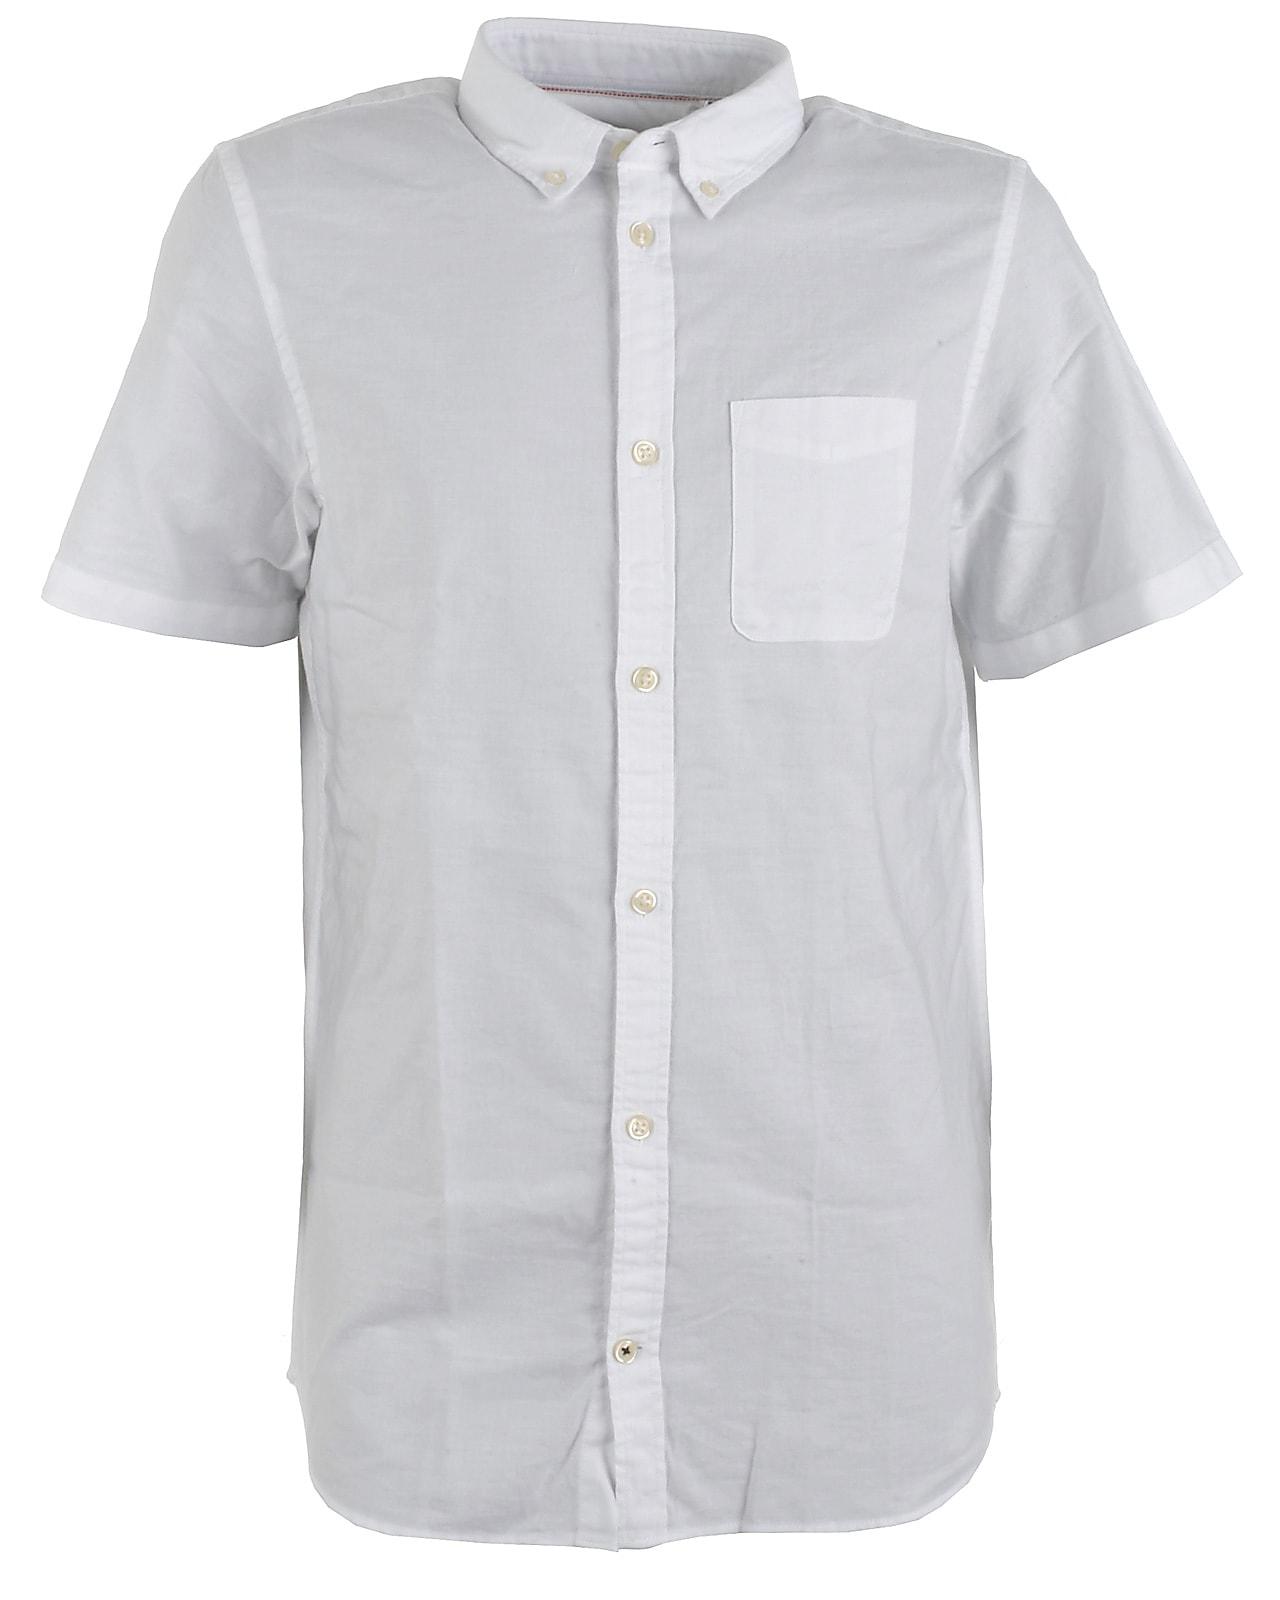 Jack & Jones JR skjorte s/s, Oxford, white